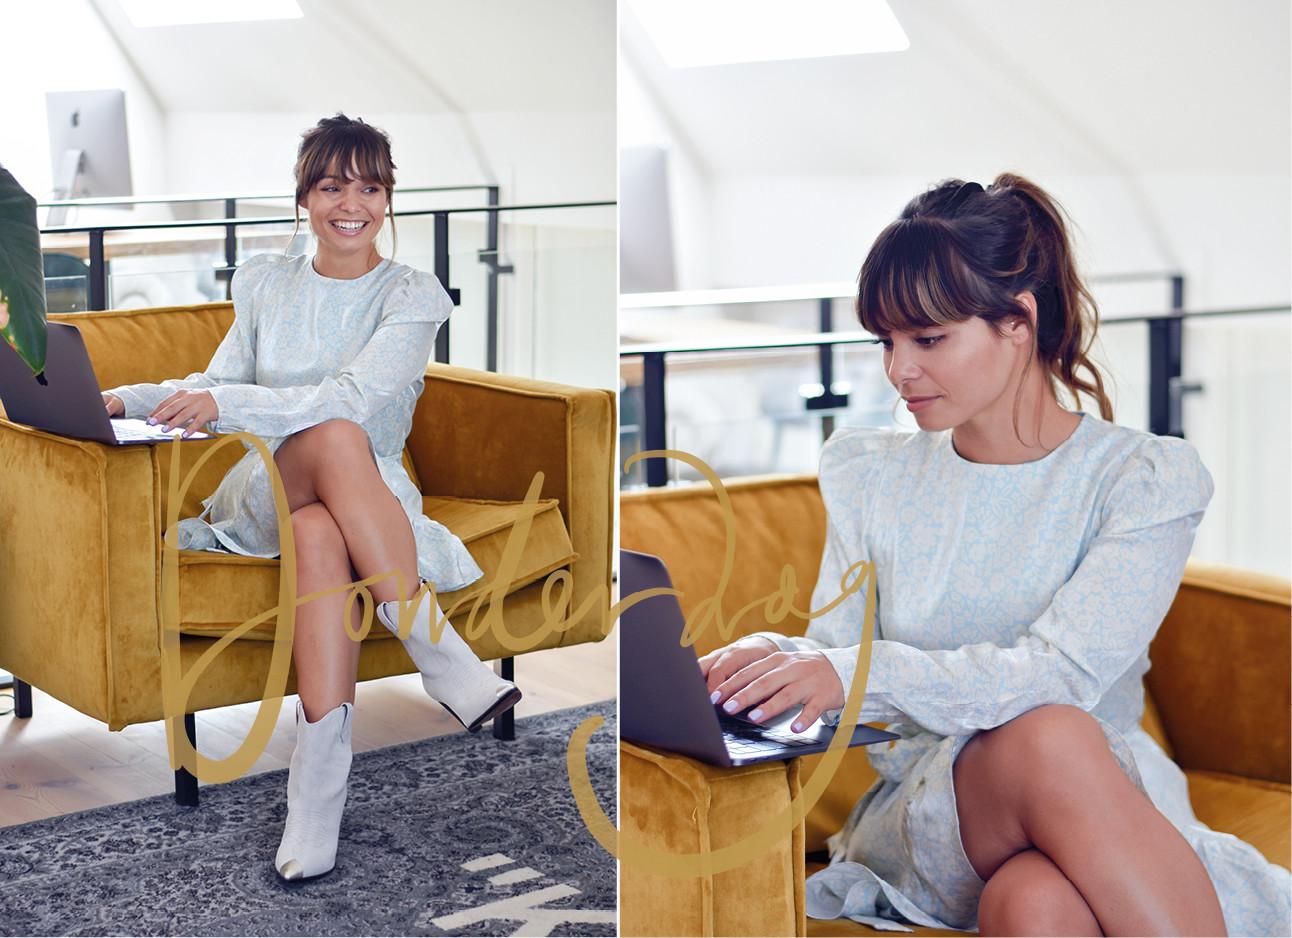 Kiki duren lachend met een jurkje aan achter haar laptop